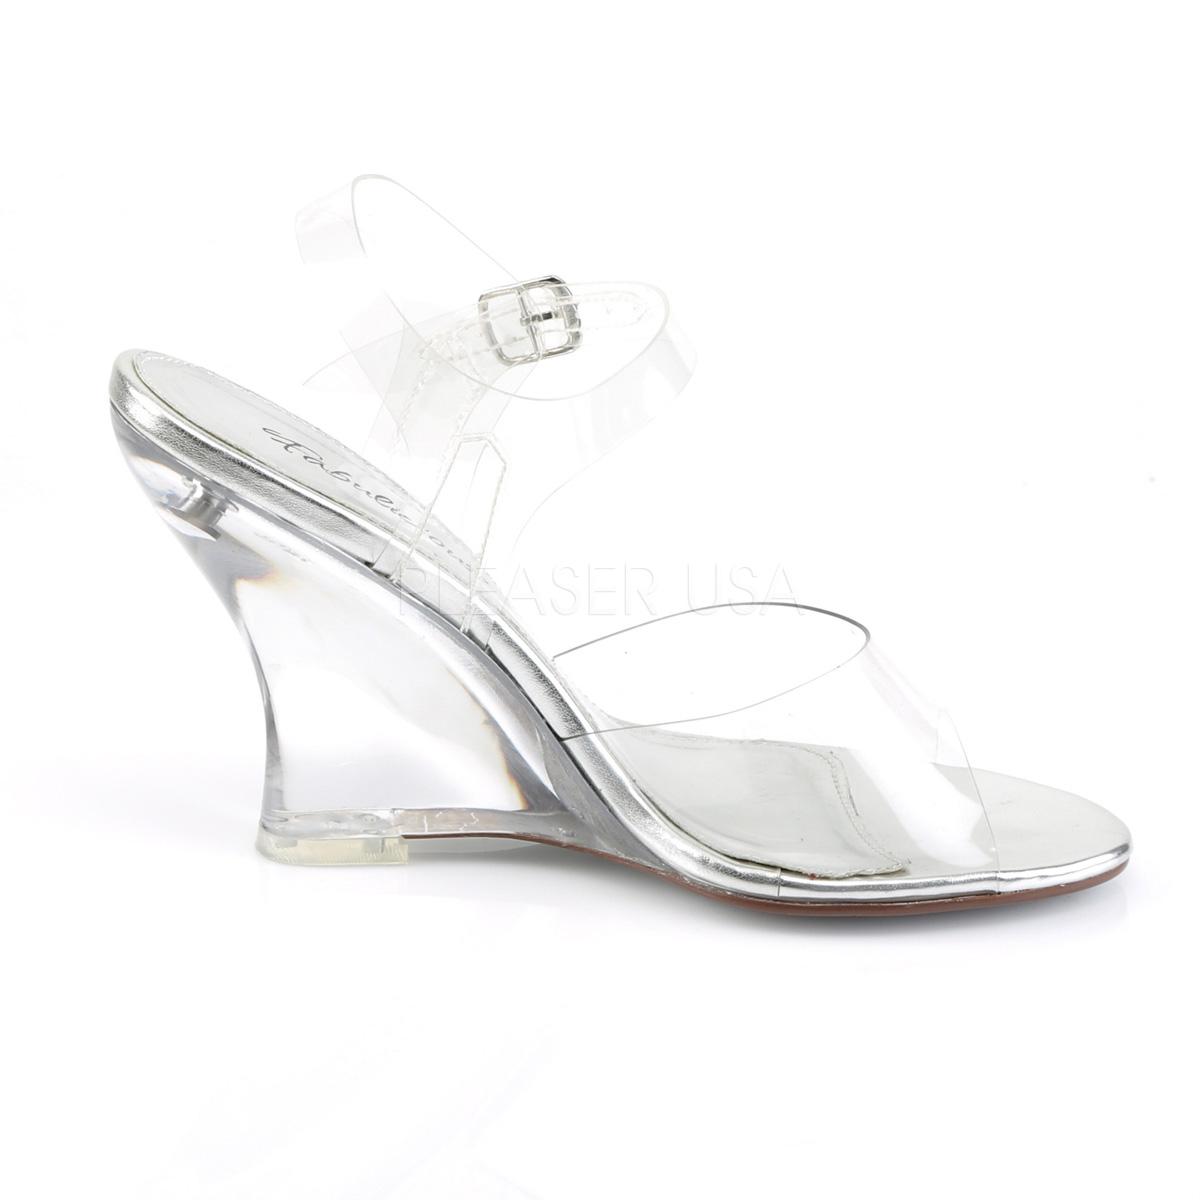 408 Sandalias De Lovely Transparente Con Cuña 5 10 Tacón Cm wmN80yOvPn